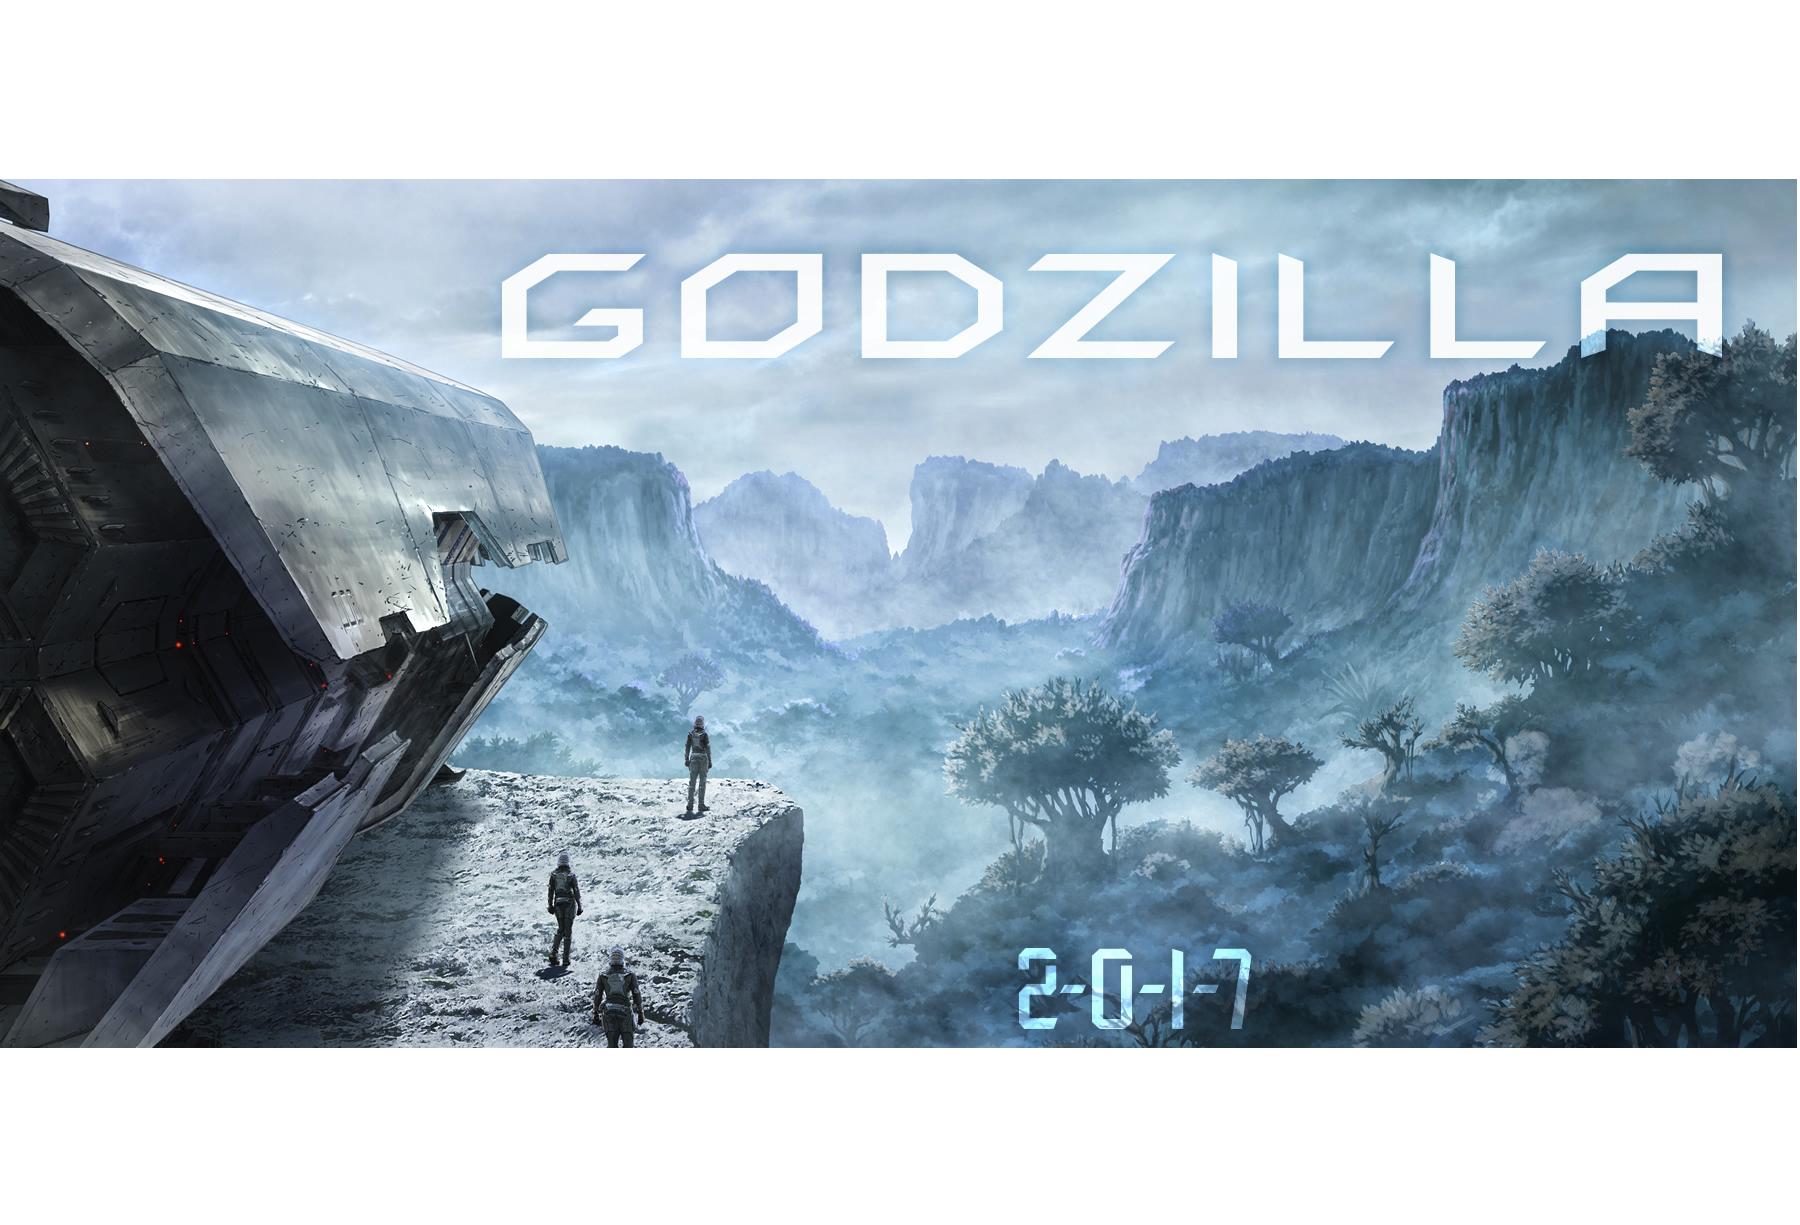 Finalmente conocemos el título de la película animada de Godzilla